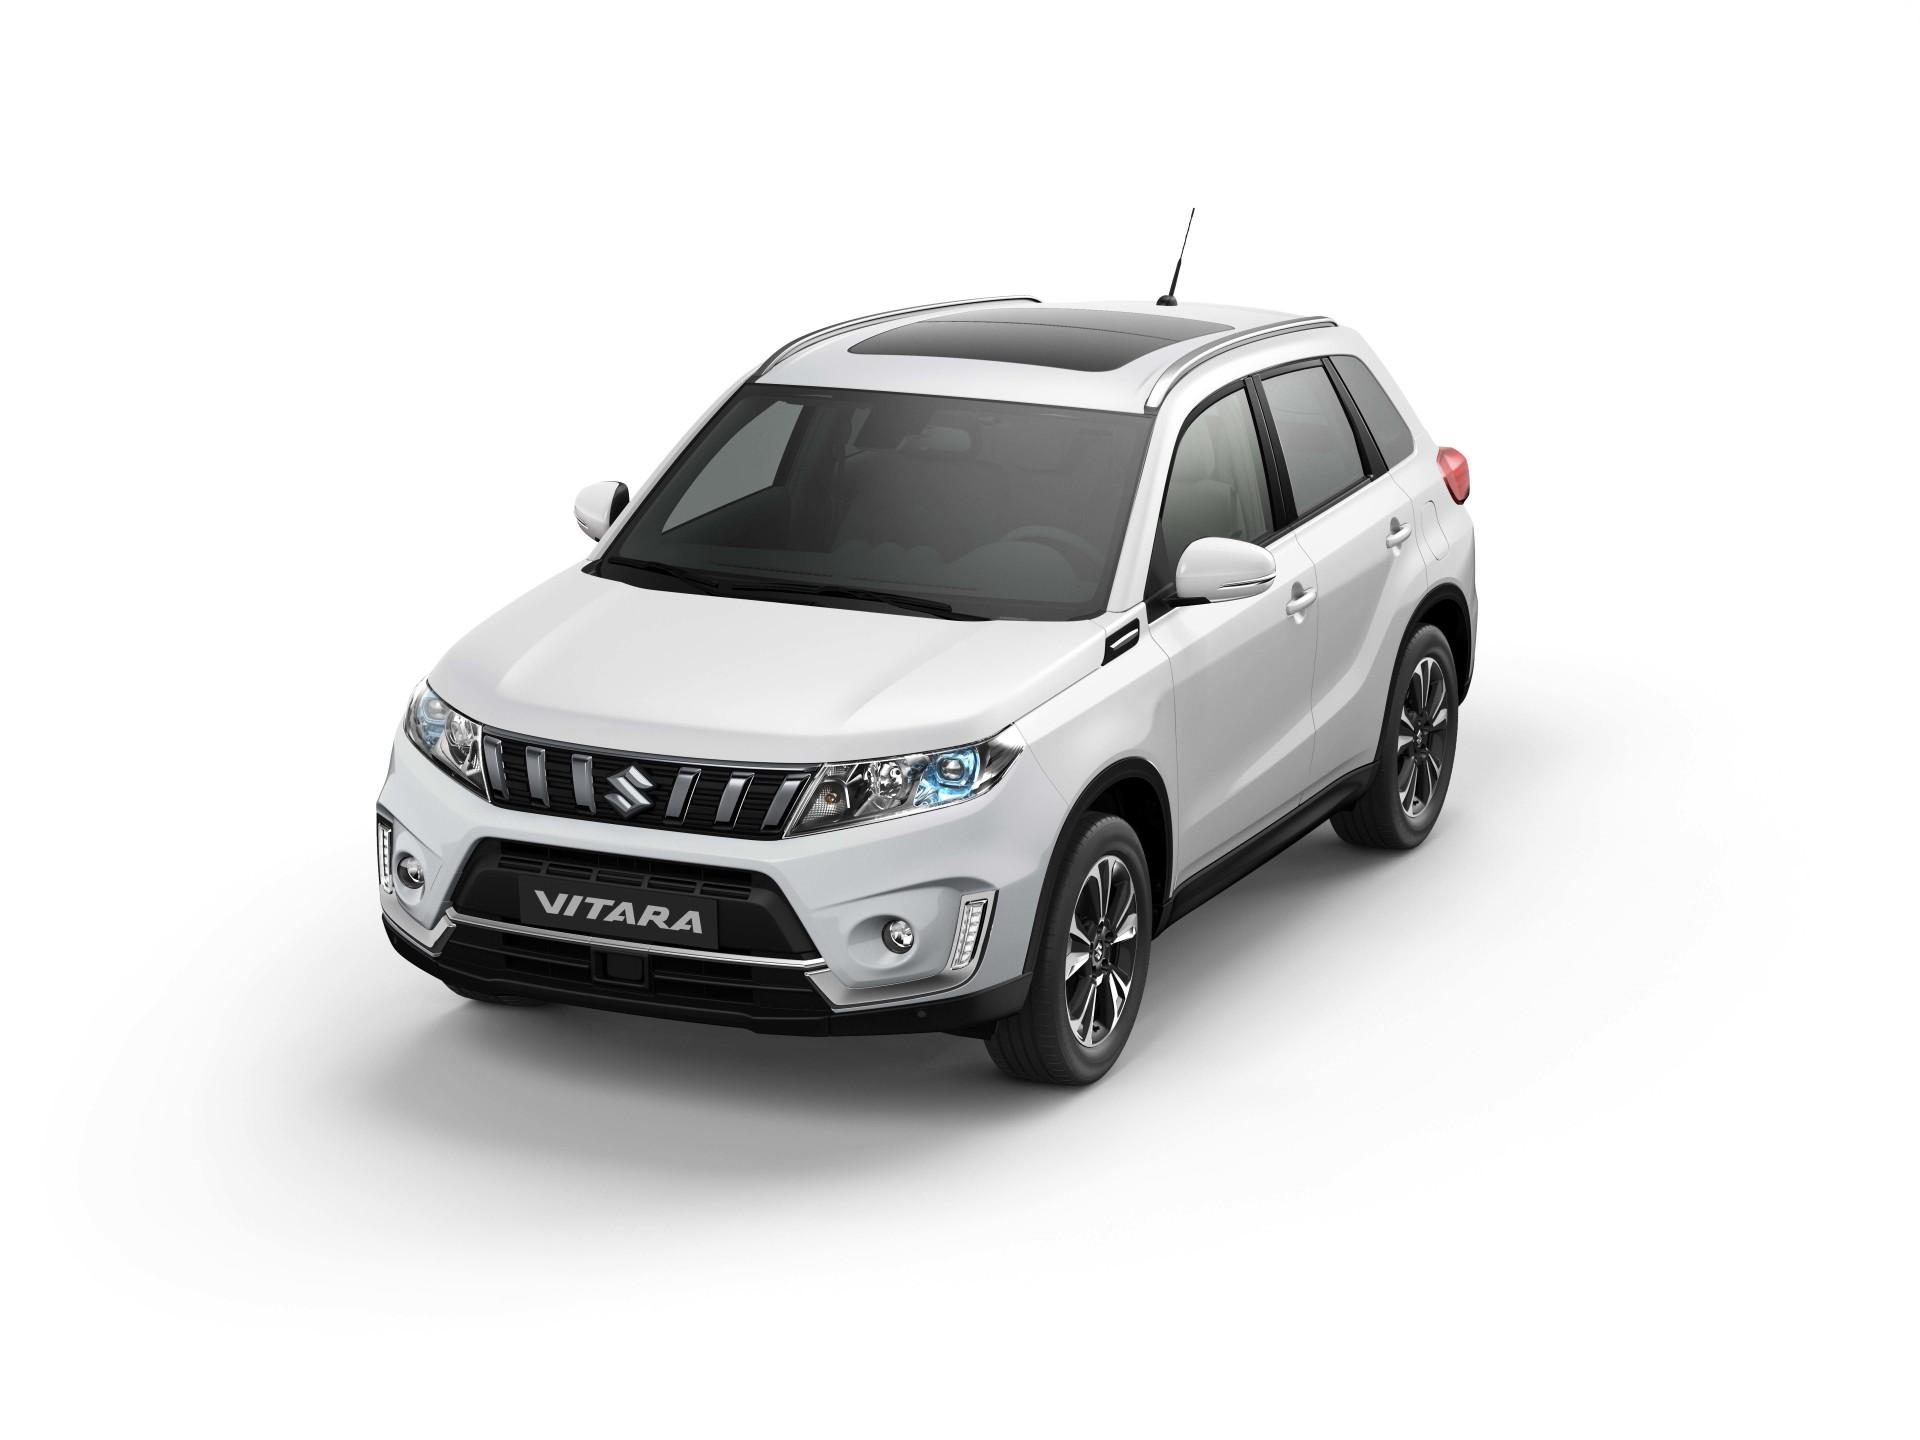 Suzuki Vitara 2018 514